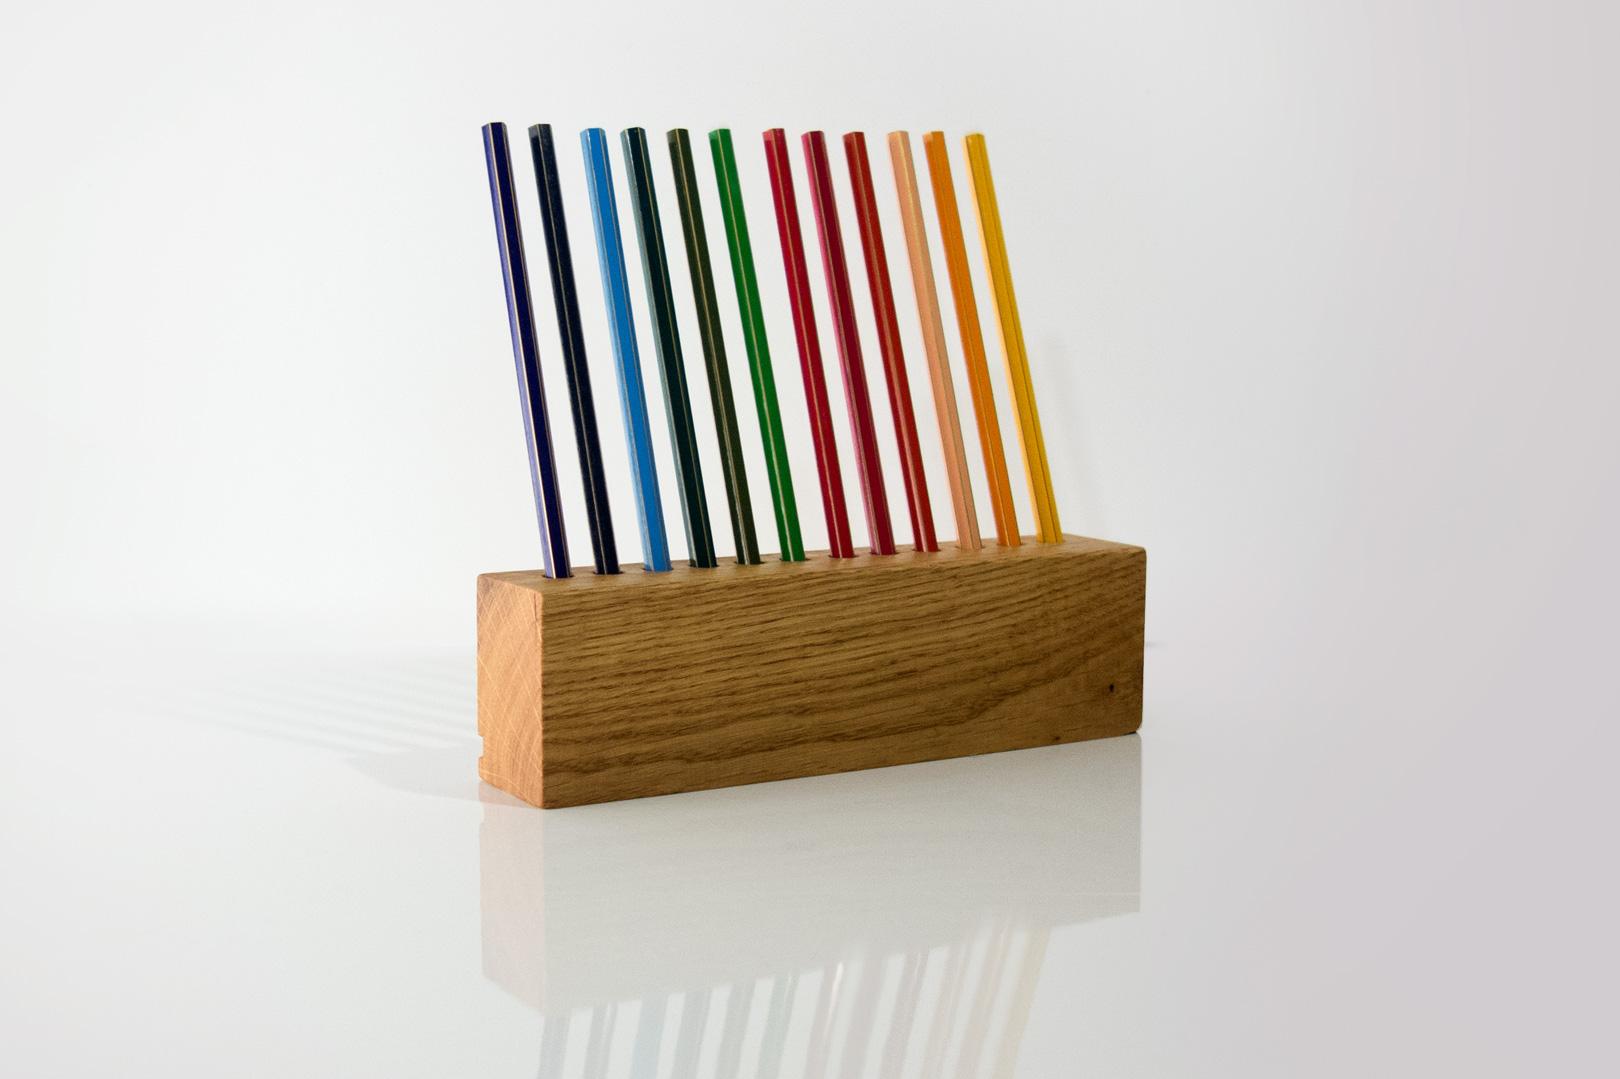 Wunderschöner Stiftehalter aus Eichenholz für den Schreibtisch und Büromotivation